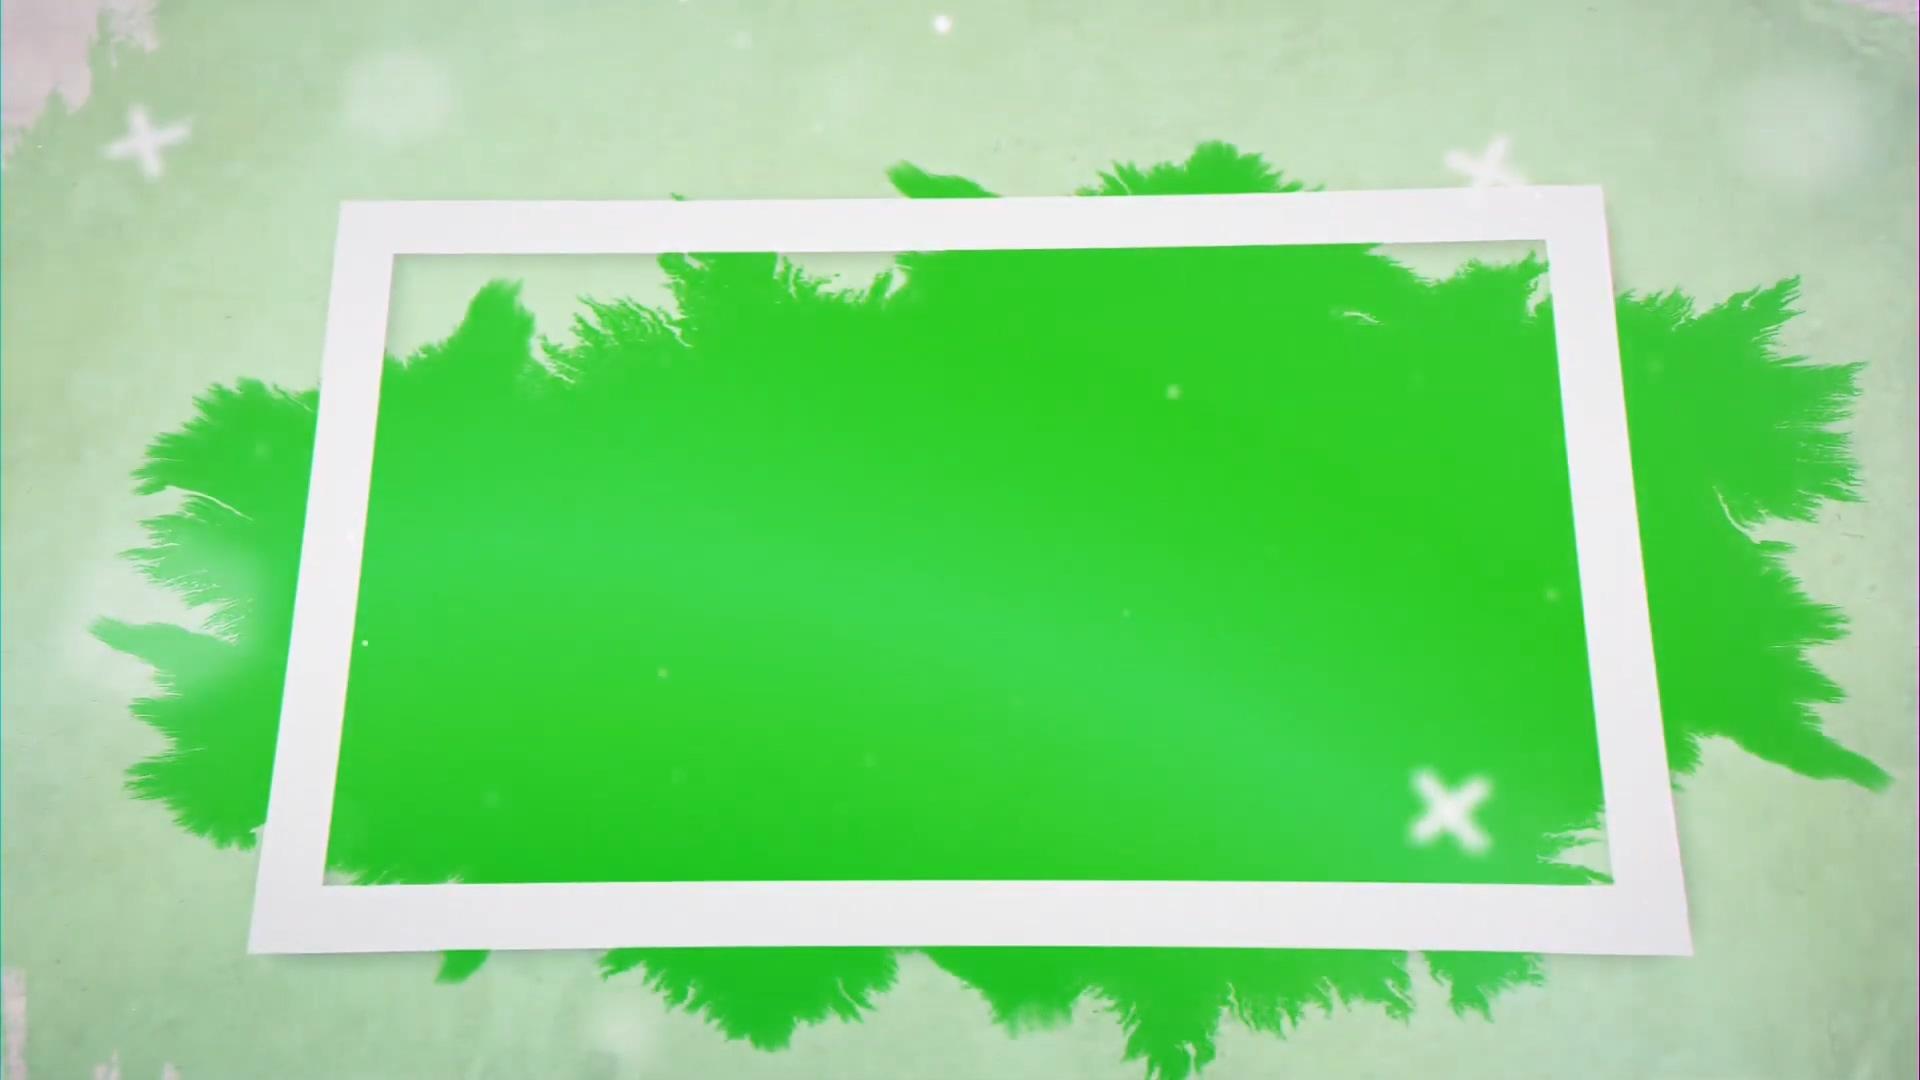 相框里的水墨晕开绿幕视频